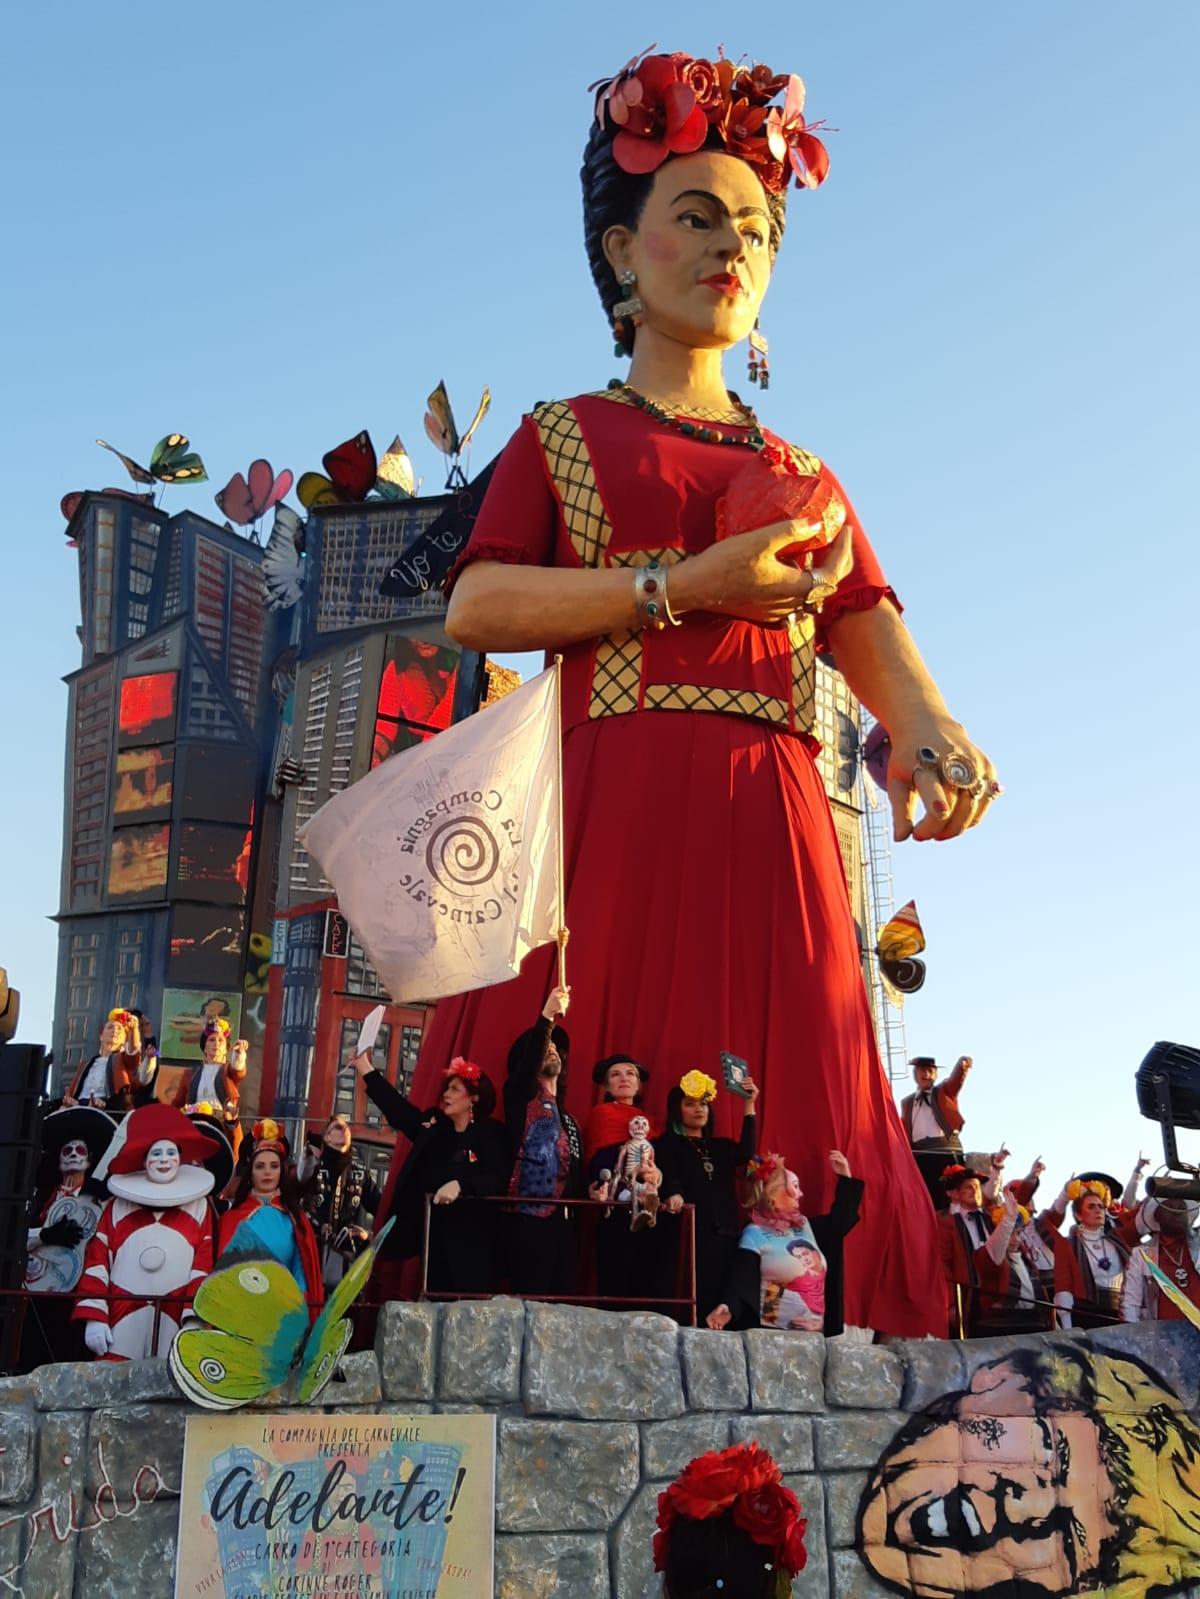 CETEC-Carnevale 2019